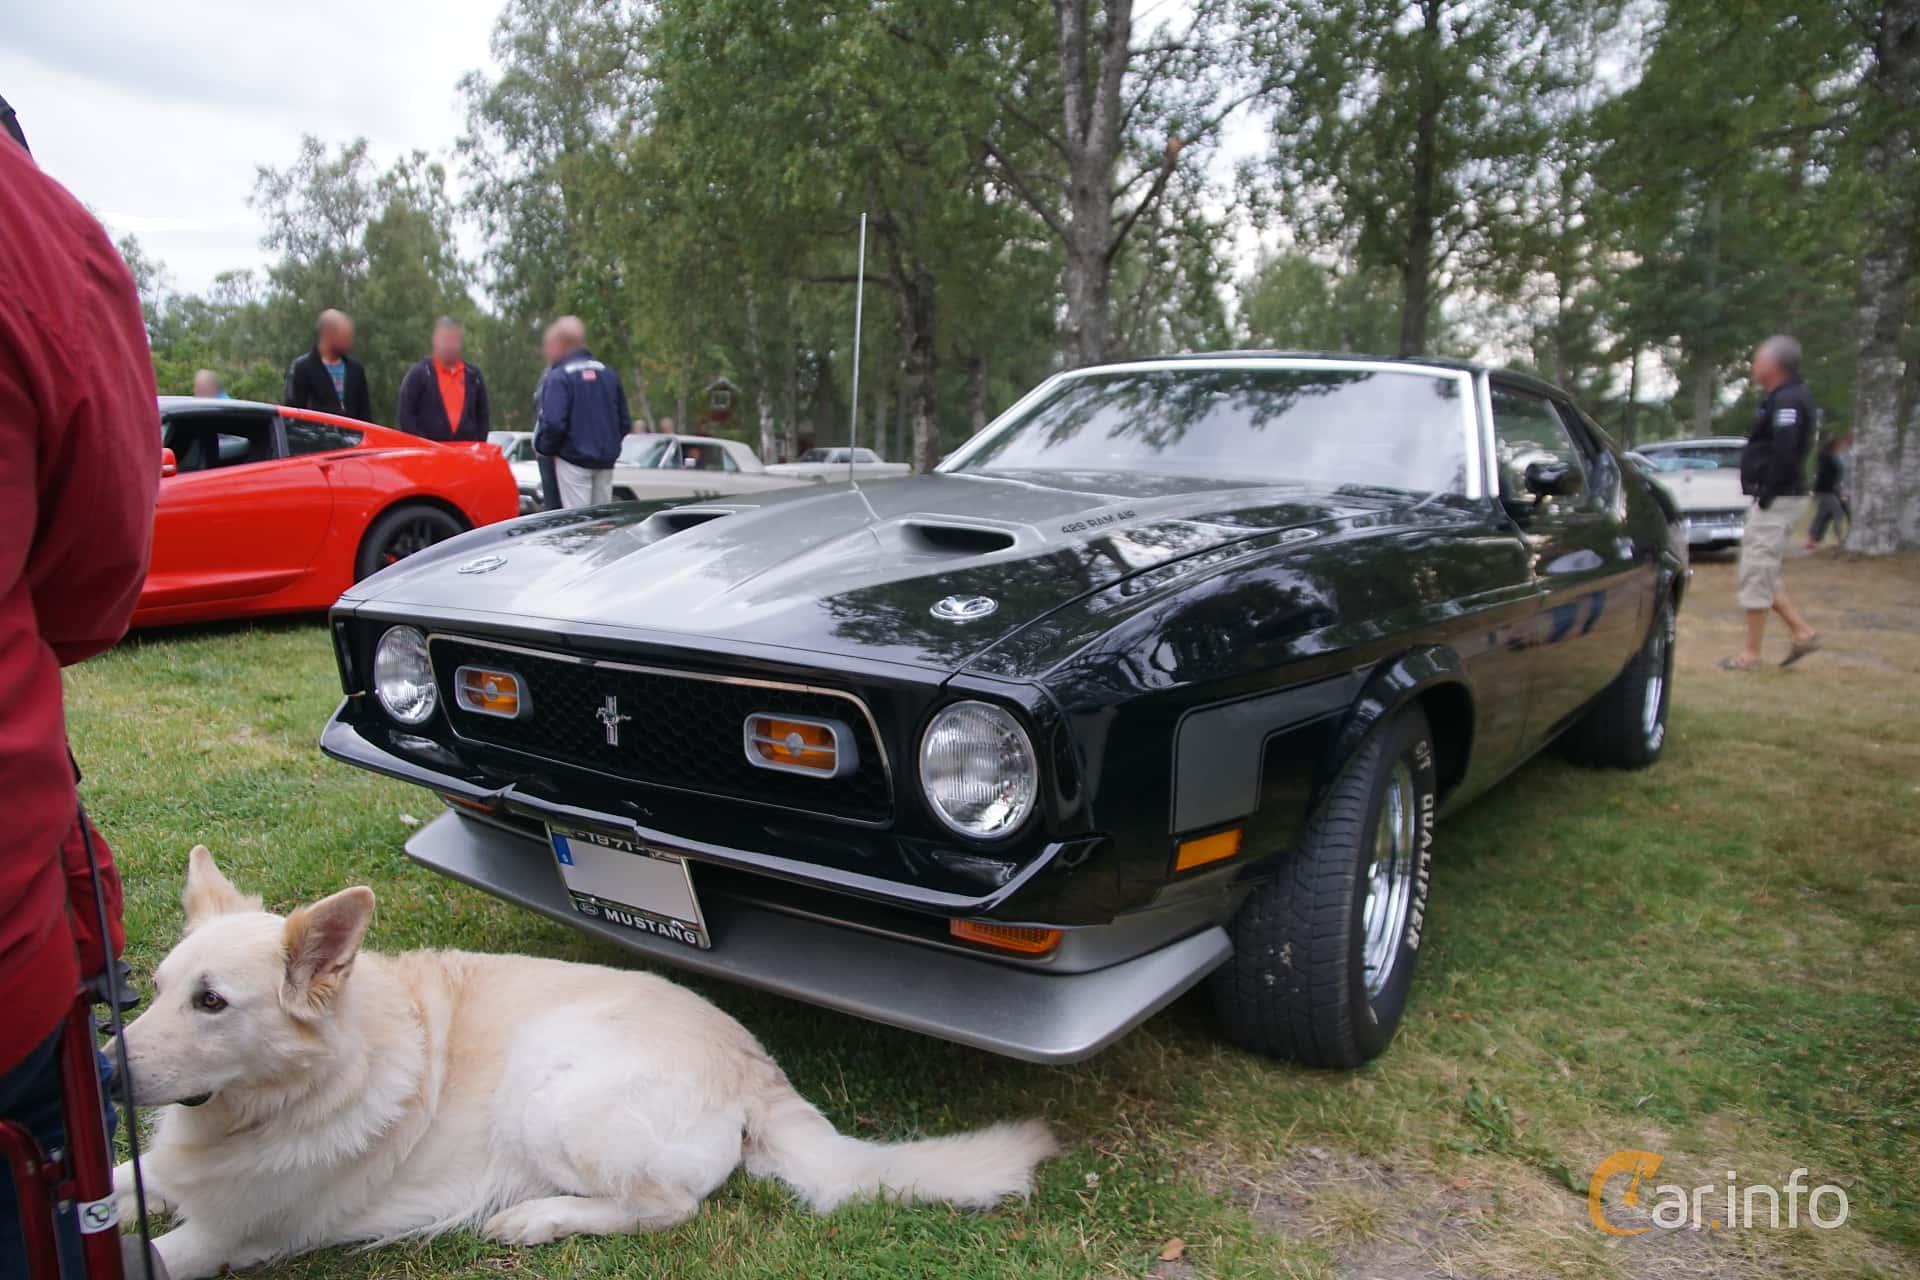 Front/Side  of Ford Mustang Mach I 7.0 V8 Manual, 375ps, 1971 at Onsdagsträffar på Gammlia Umeå 2019 vecka 32